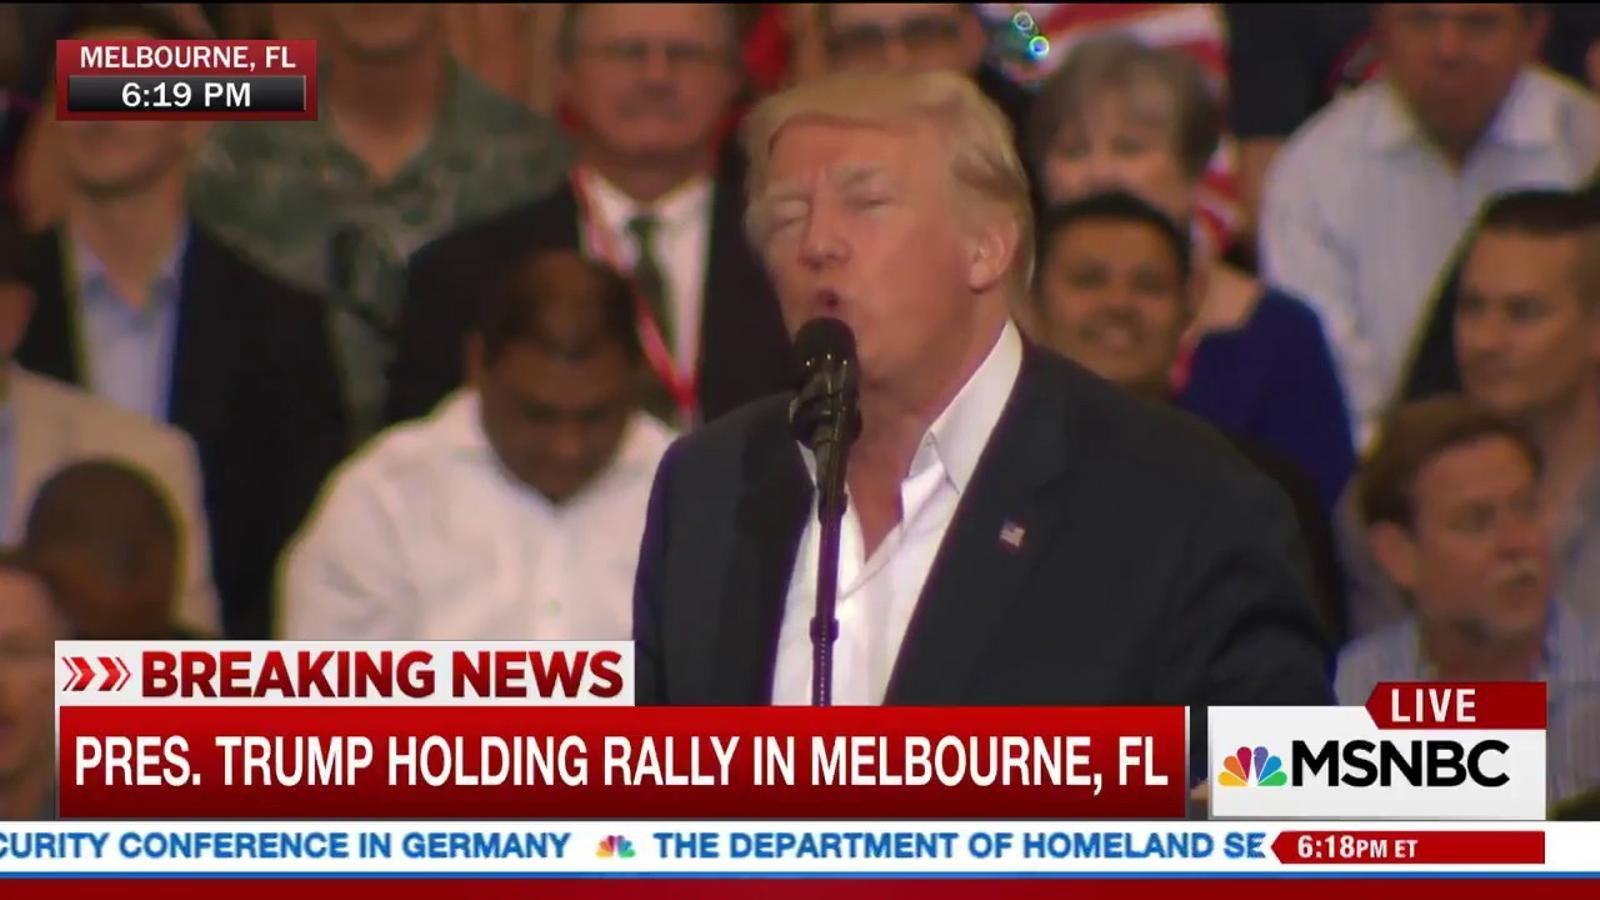 Vídeo del míting de Donald Trump parlant d'un atemptat que no ha existit a Suècia.